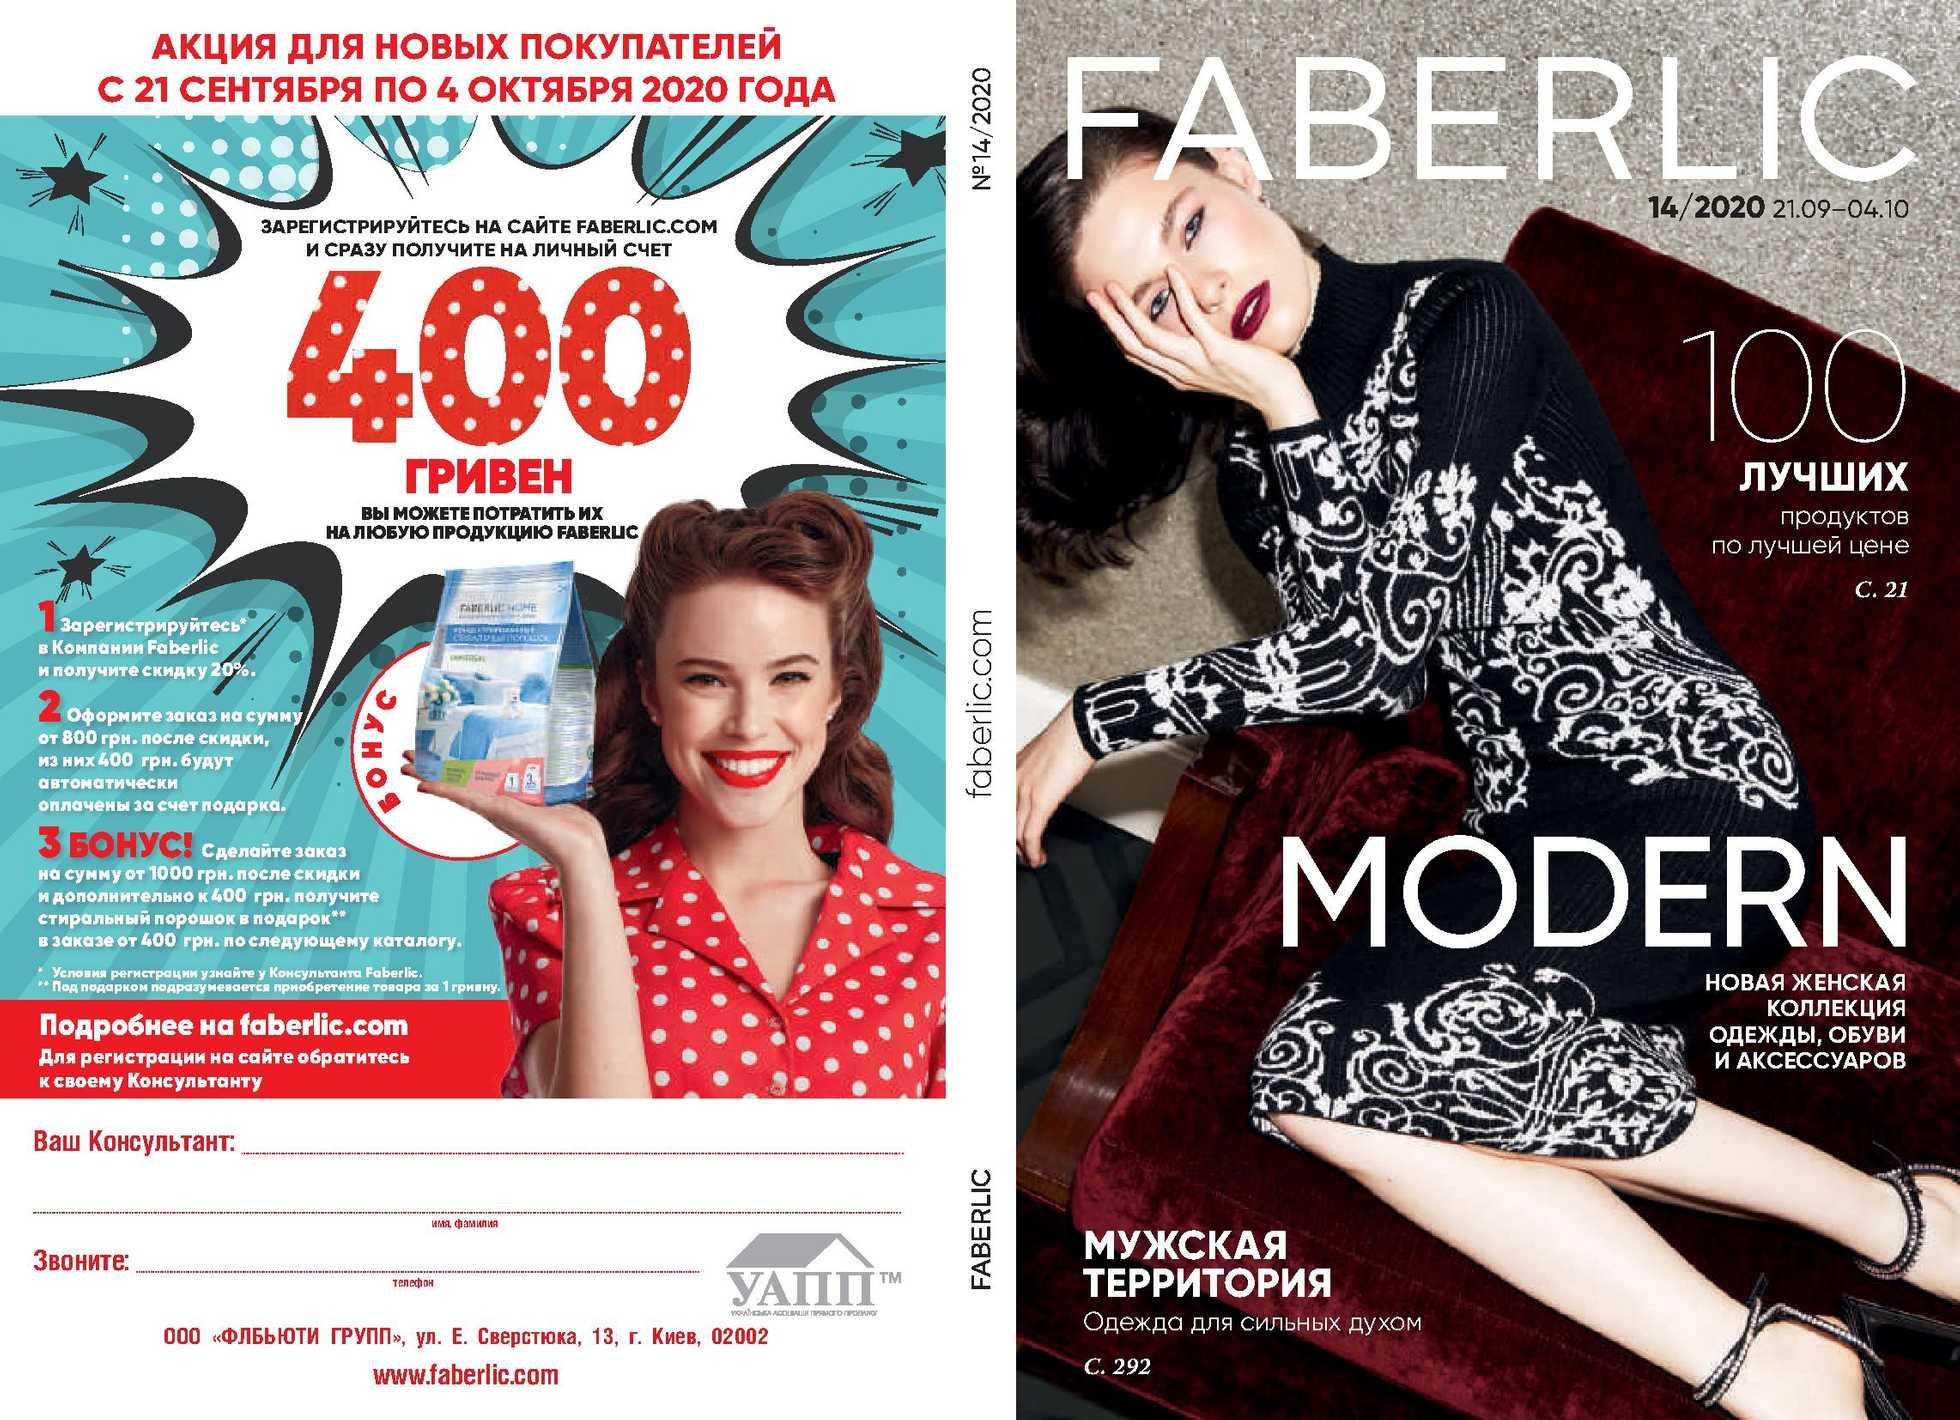 Фаберлик Украина - каталог действителен с 21.09.2020 по 04.10.2020 - страница 1.